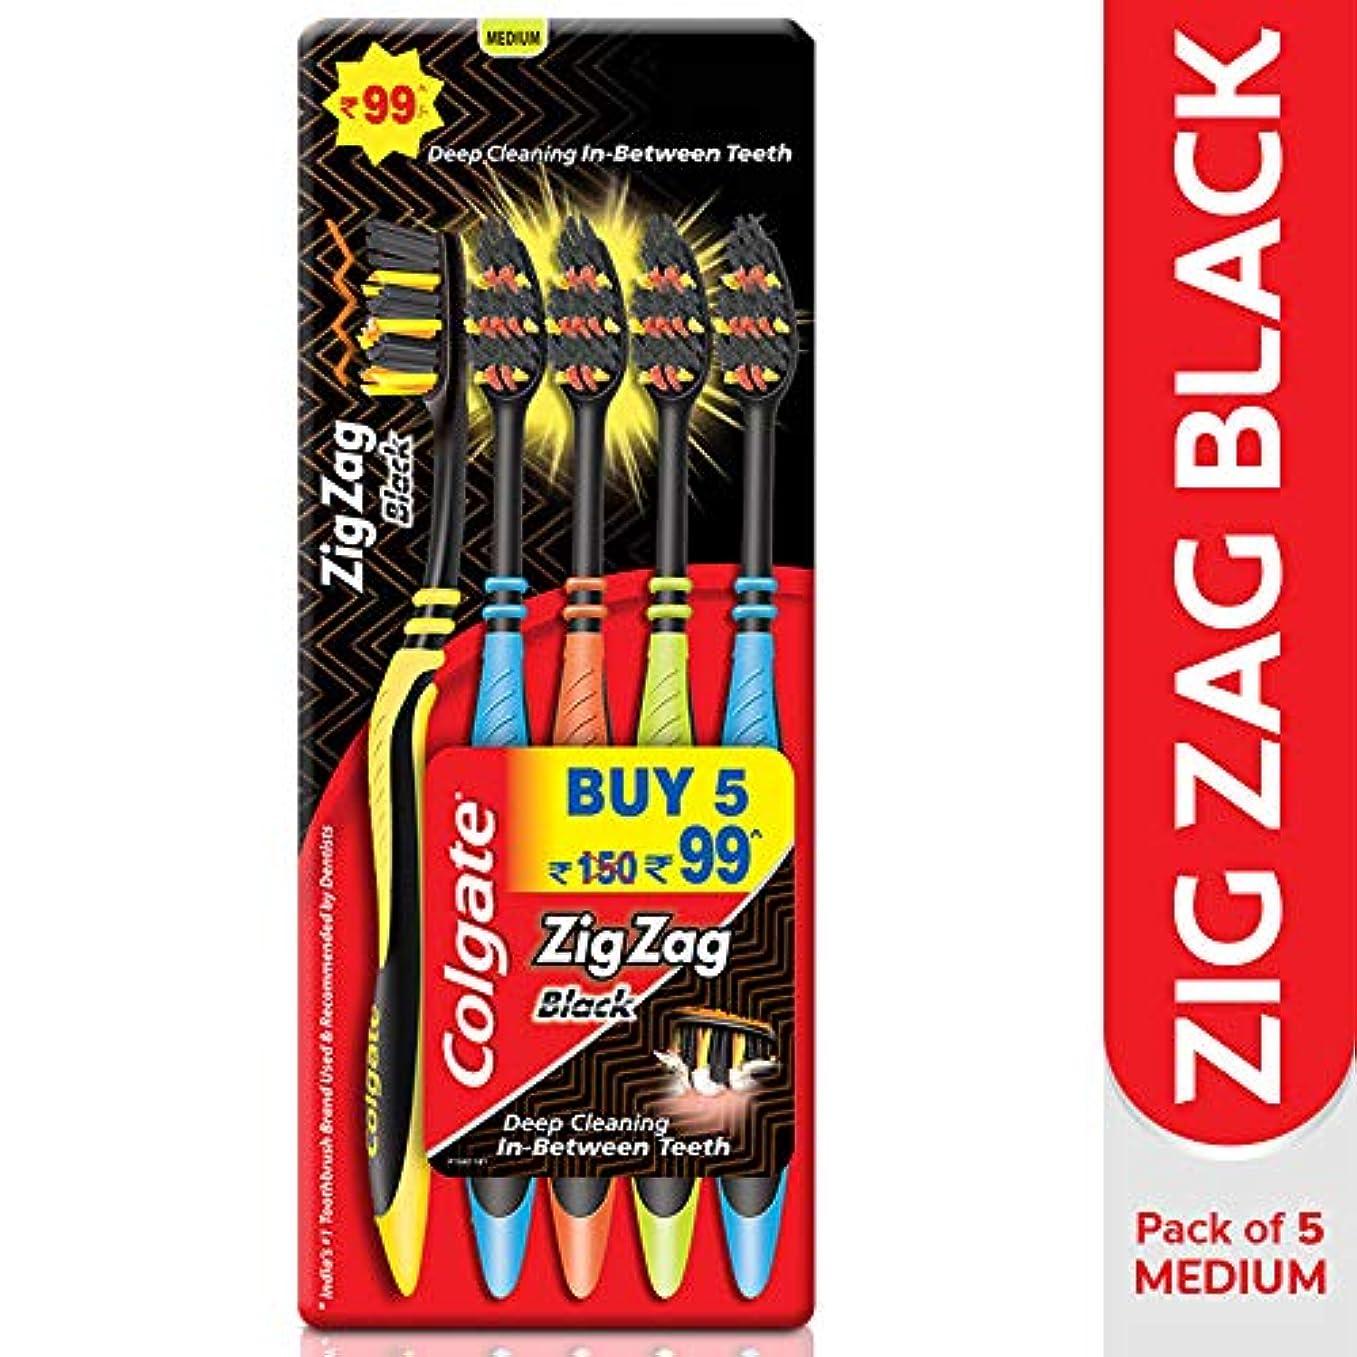 不可能な公然と晩ごはんColgate Zig Zag Black Bristle Toothbrush